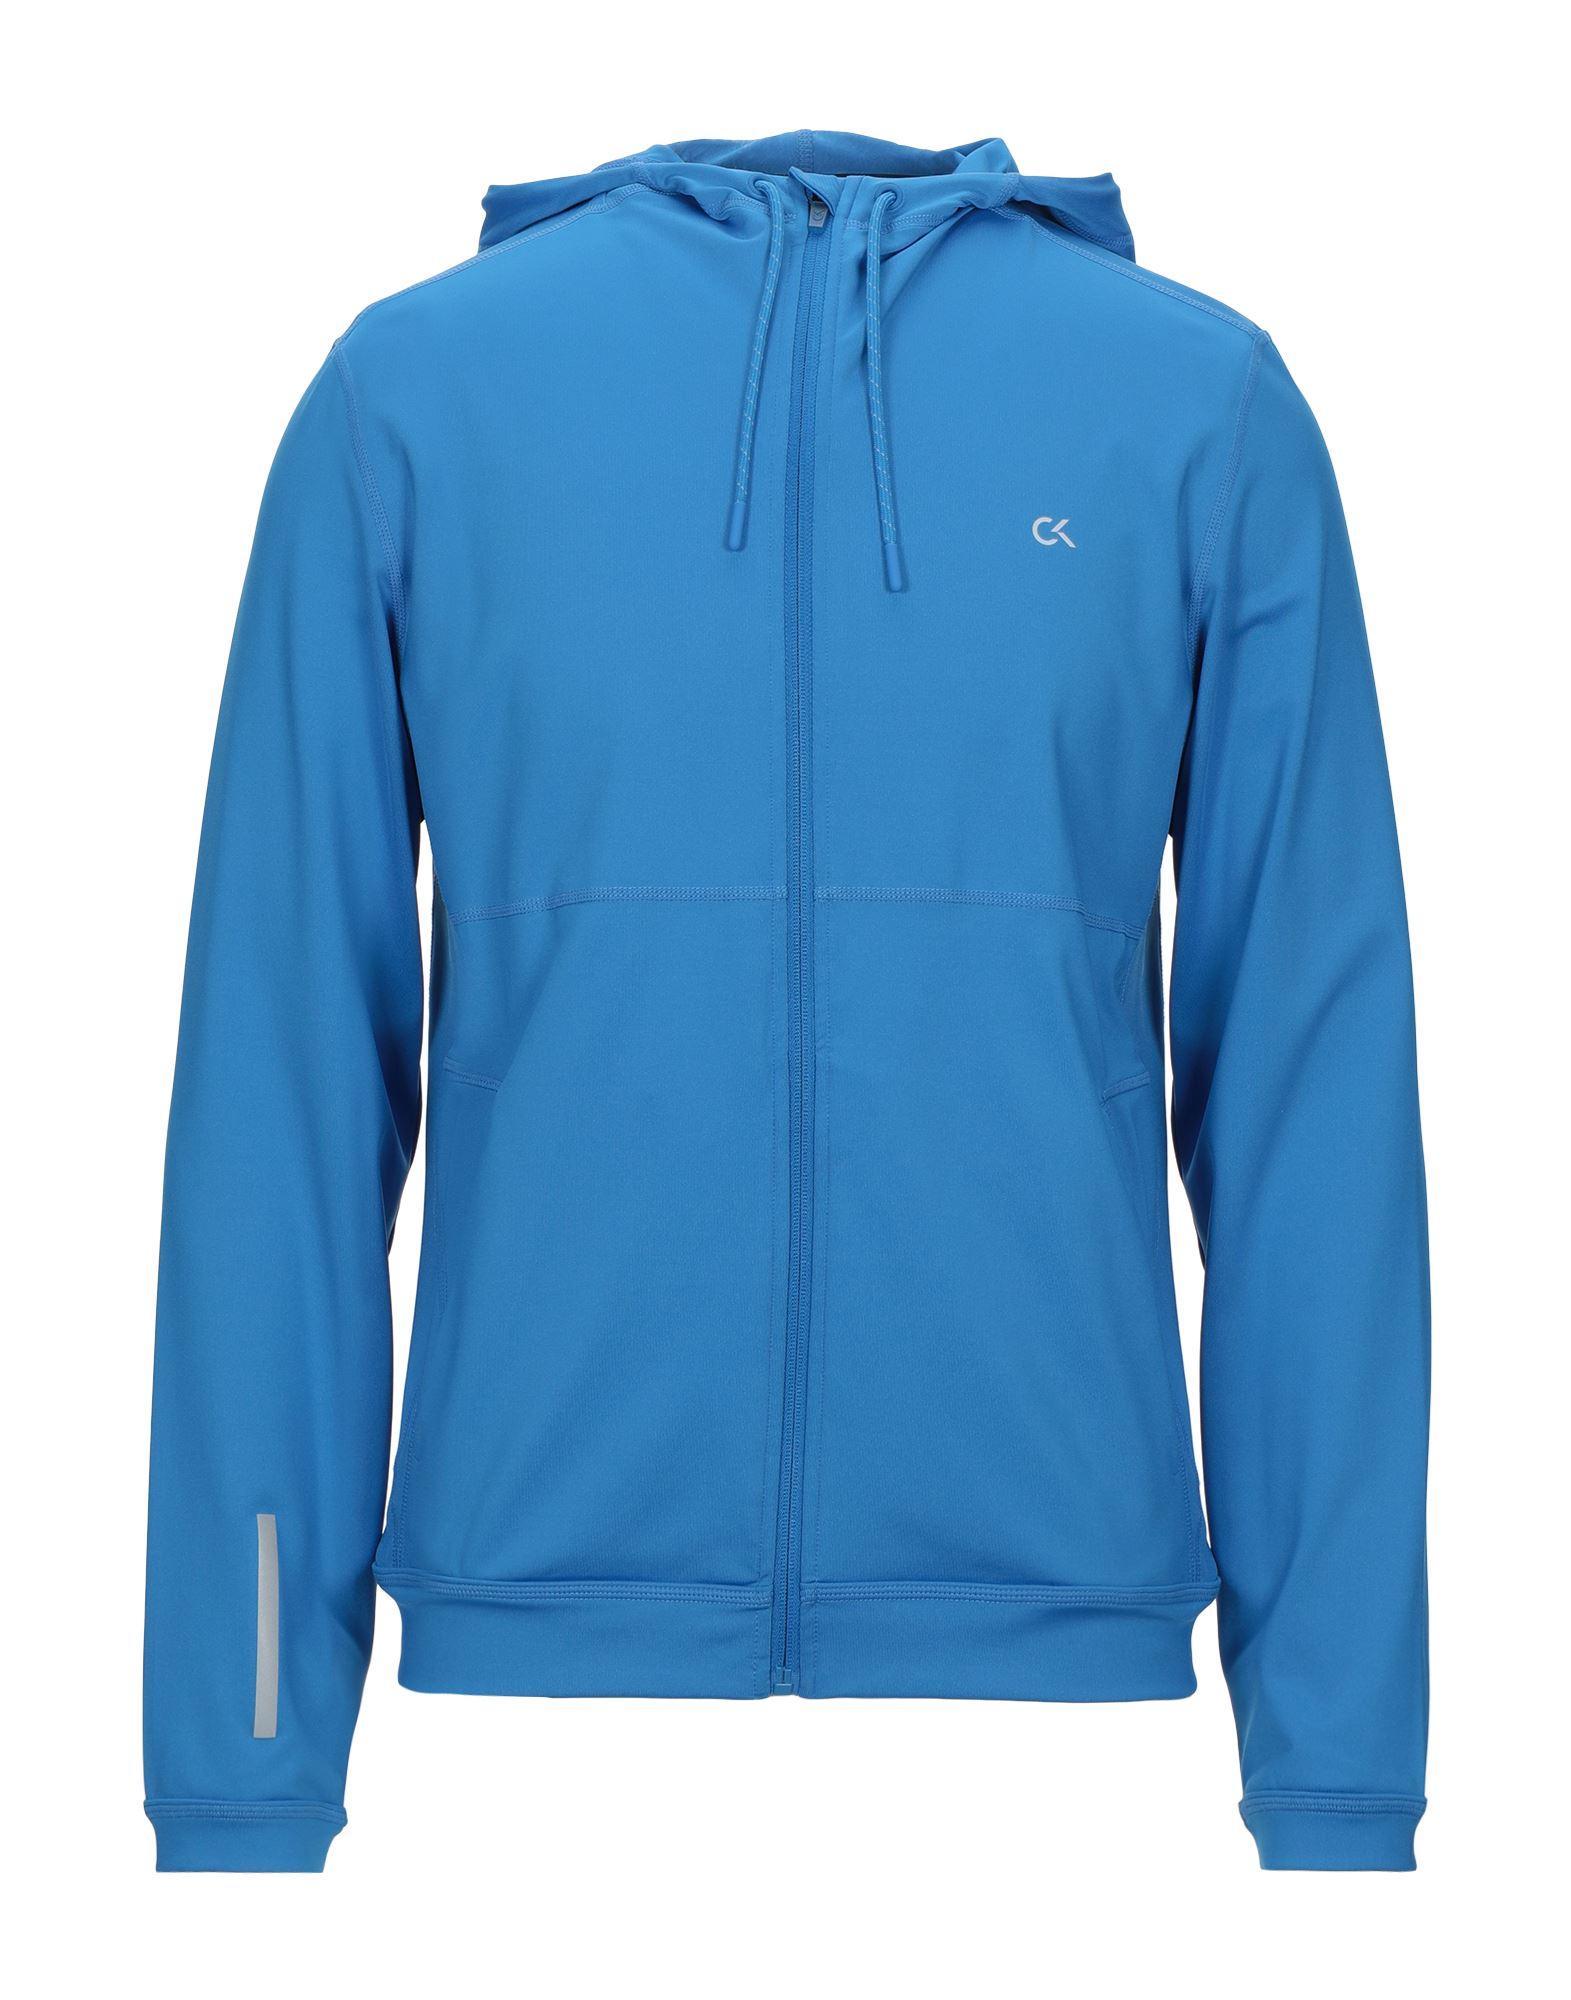 《セール開催中》CALVIN KLEIN PERFORMANCE メンズ スウェットシャツ ブルー M ポリエステル 88% / ポリウレタン 12%